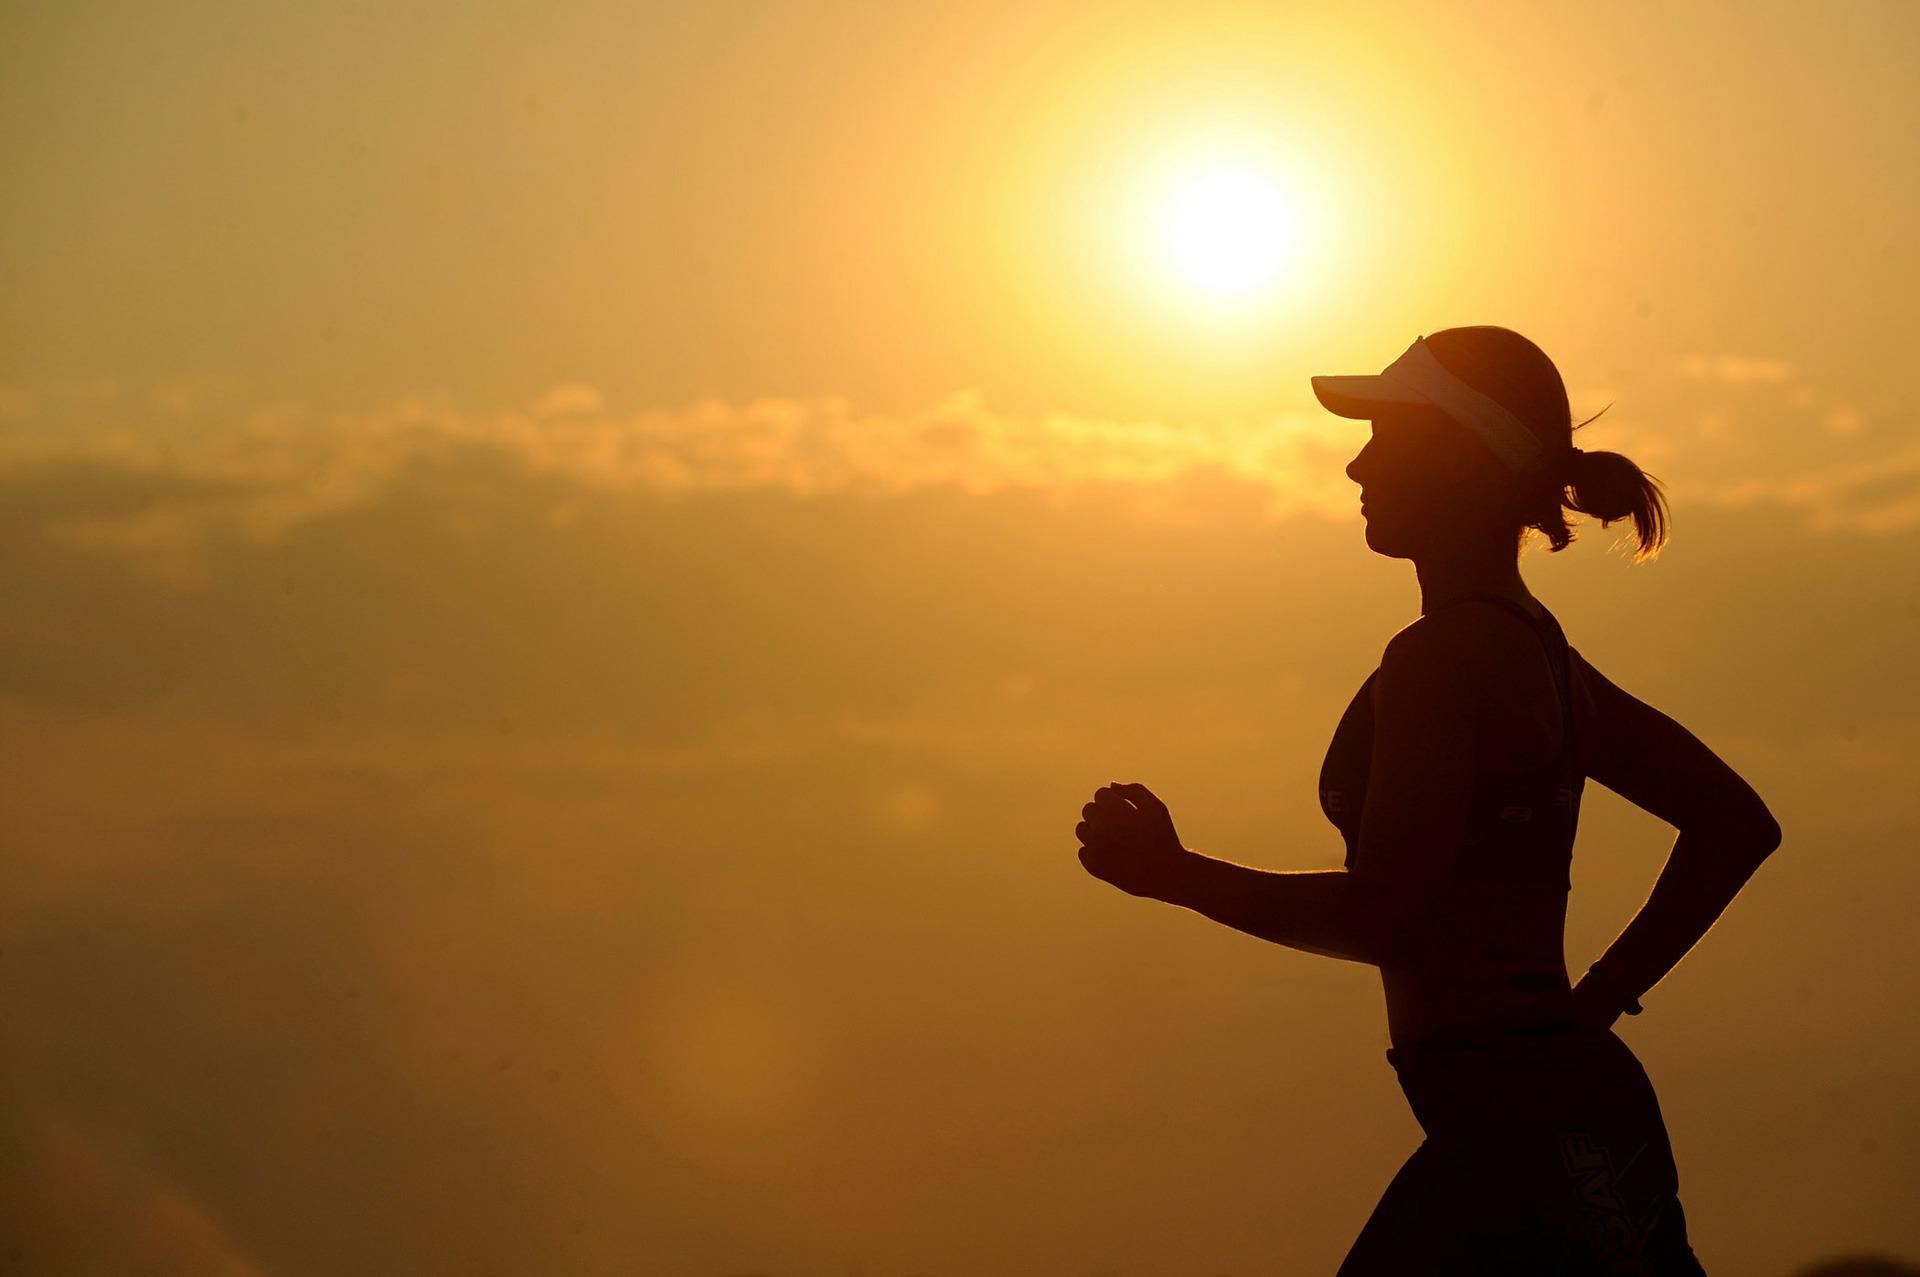 Les avantages des sports réguliers2